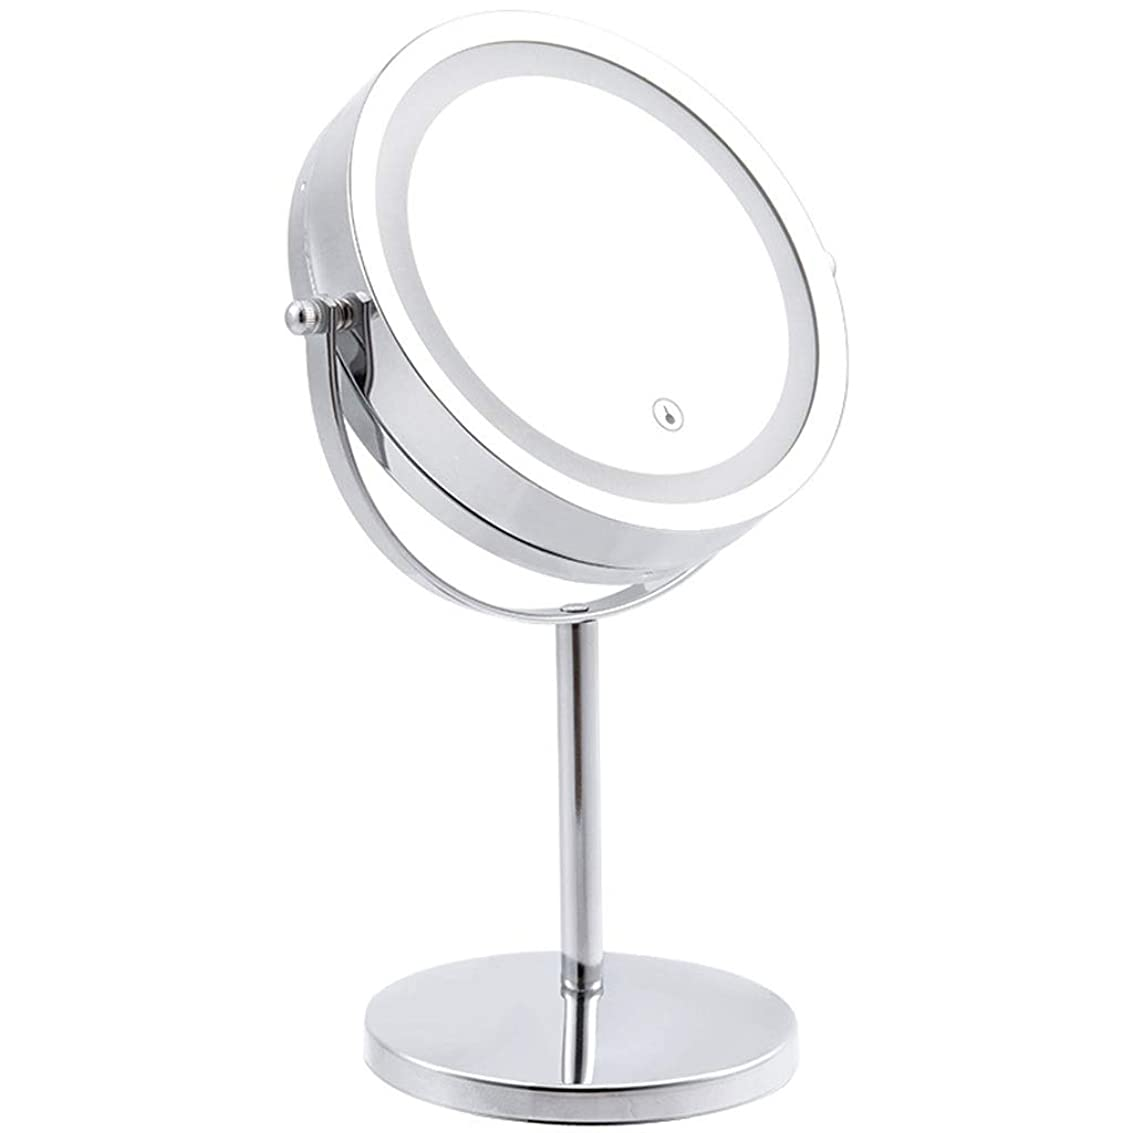 補償乗り出す宿題をするONOJT 化粧鏡- Led化粧鏡付き両面化粧鏡両面虫眼鏡レディースギフト付きled化粧鏡 (Color : Silver, Size : 17.5x33cm)